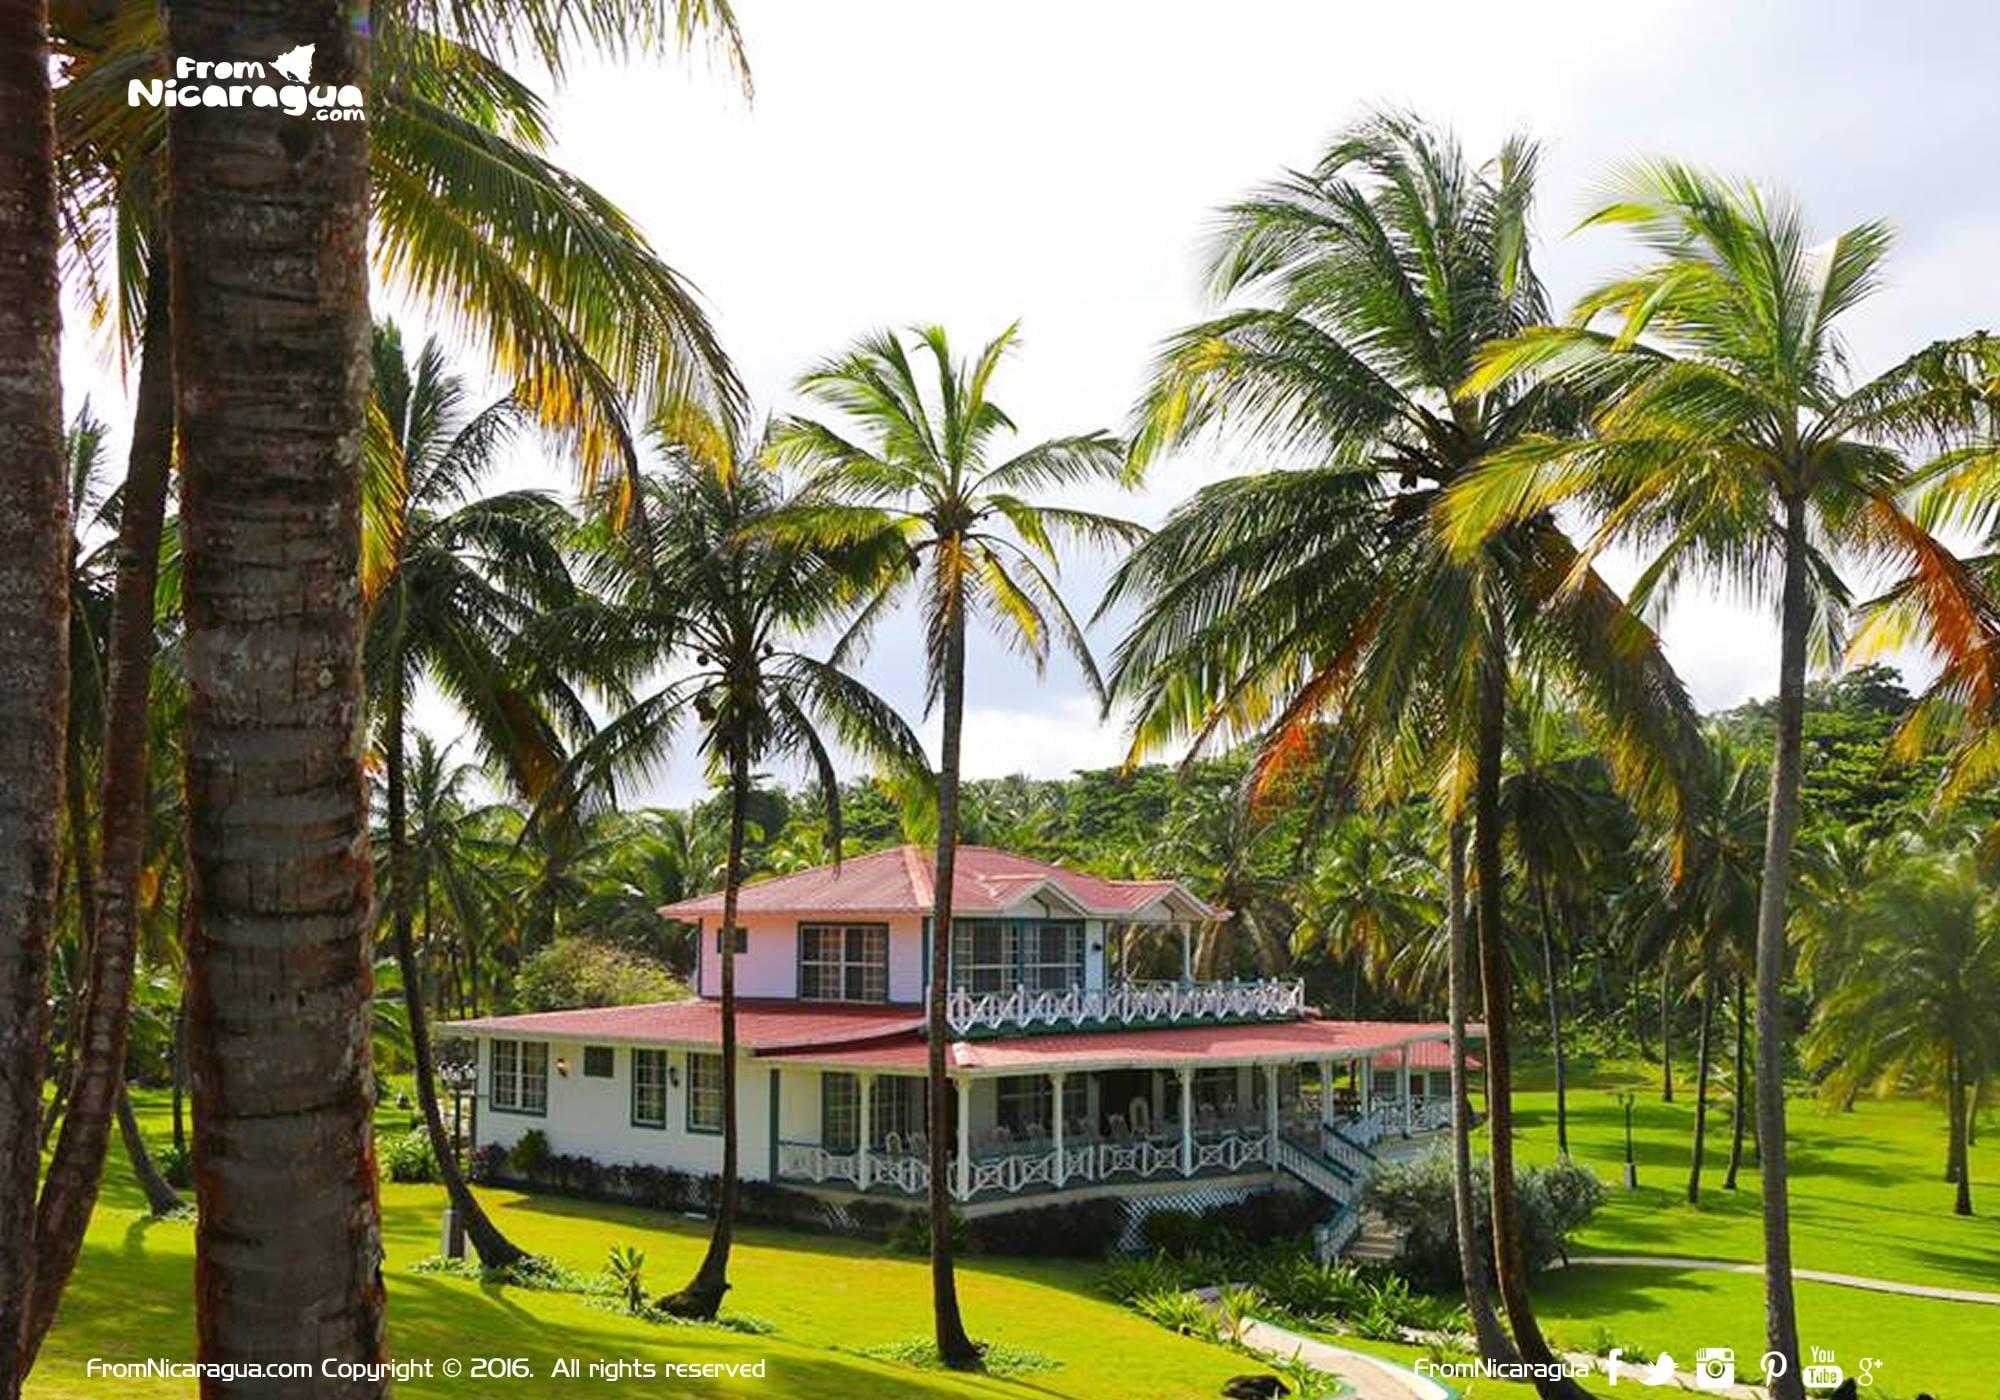 Corn Island una isla turística con muchas oportunidades de inversión para Nicaragua